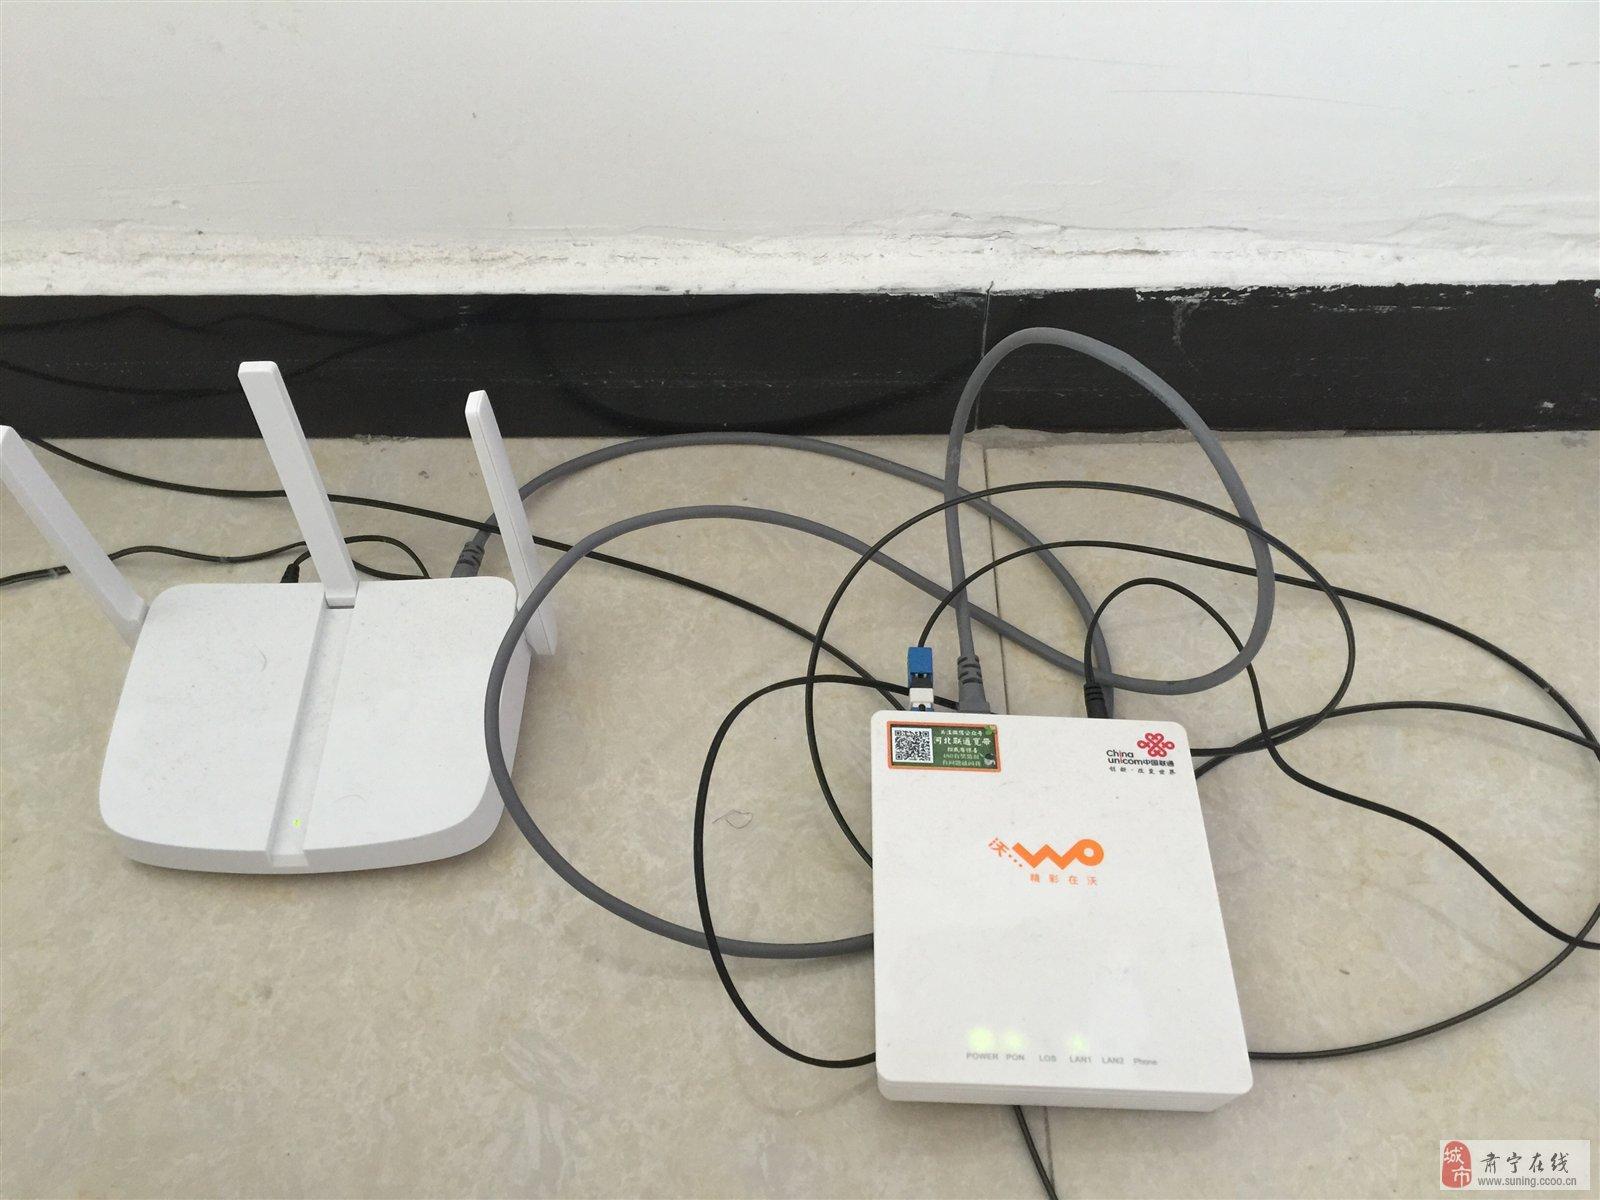 联通20m光纤转让带光猫带3天线路由器